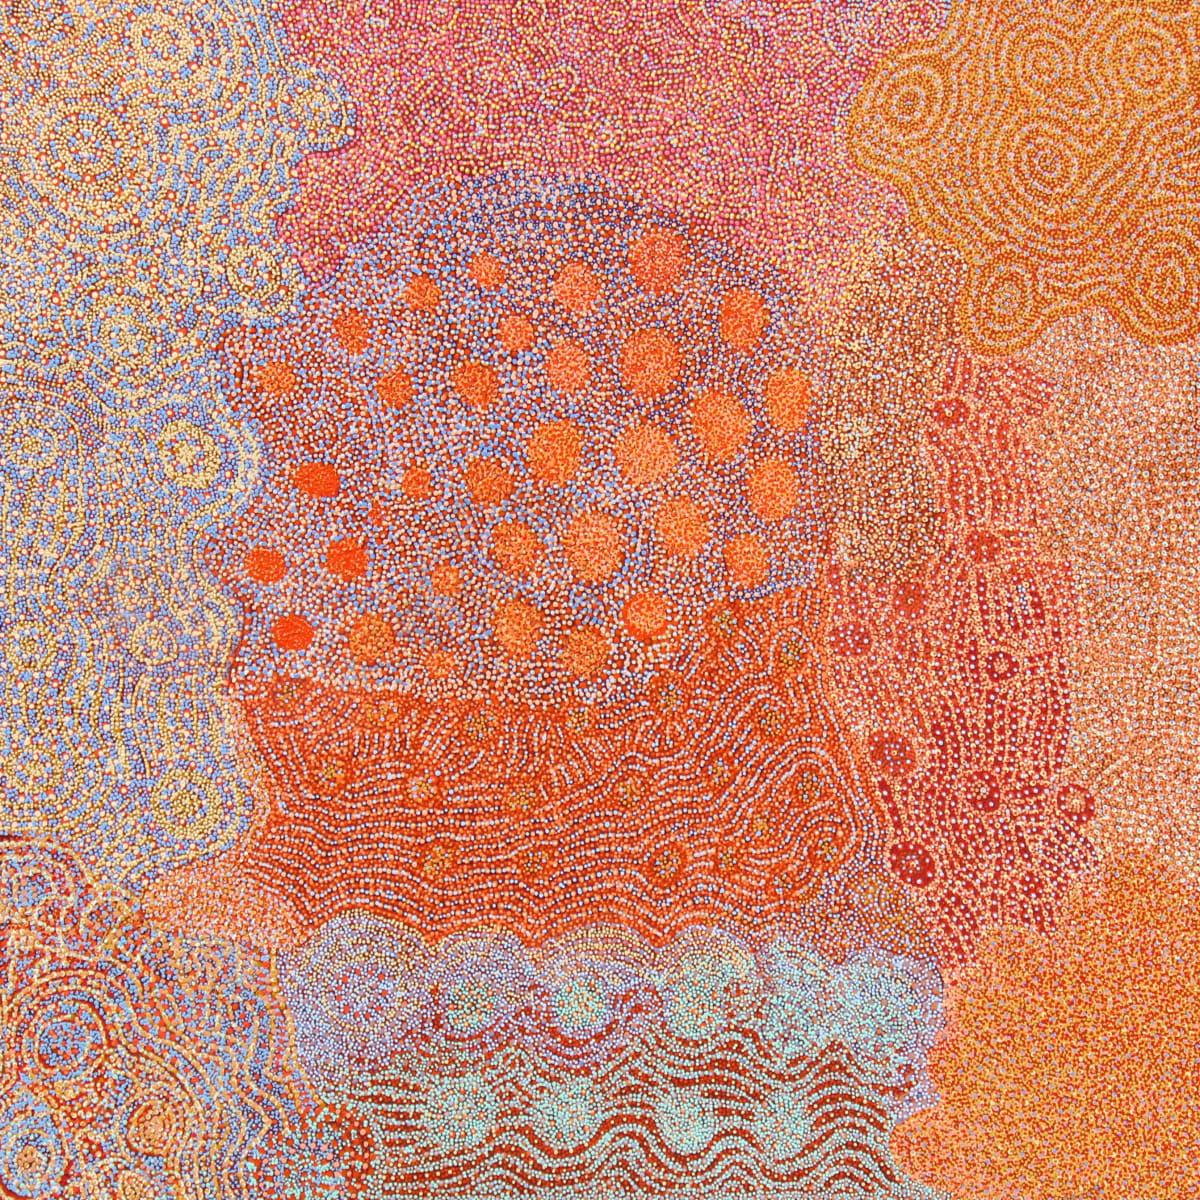 Maringka Burton Anamaruku Piti Tjuta acrylic on canvas 198 x 198 cm